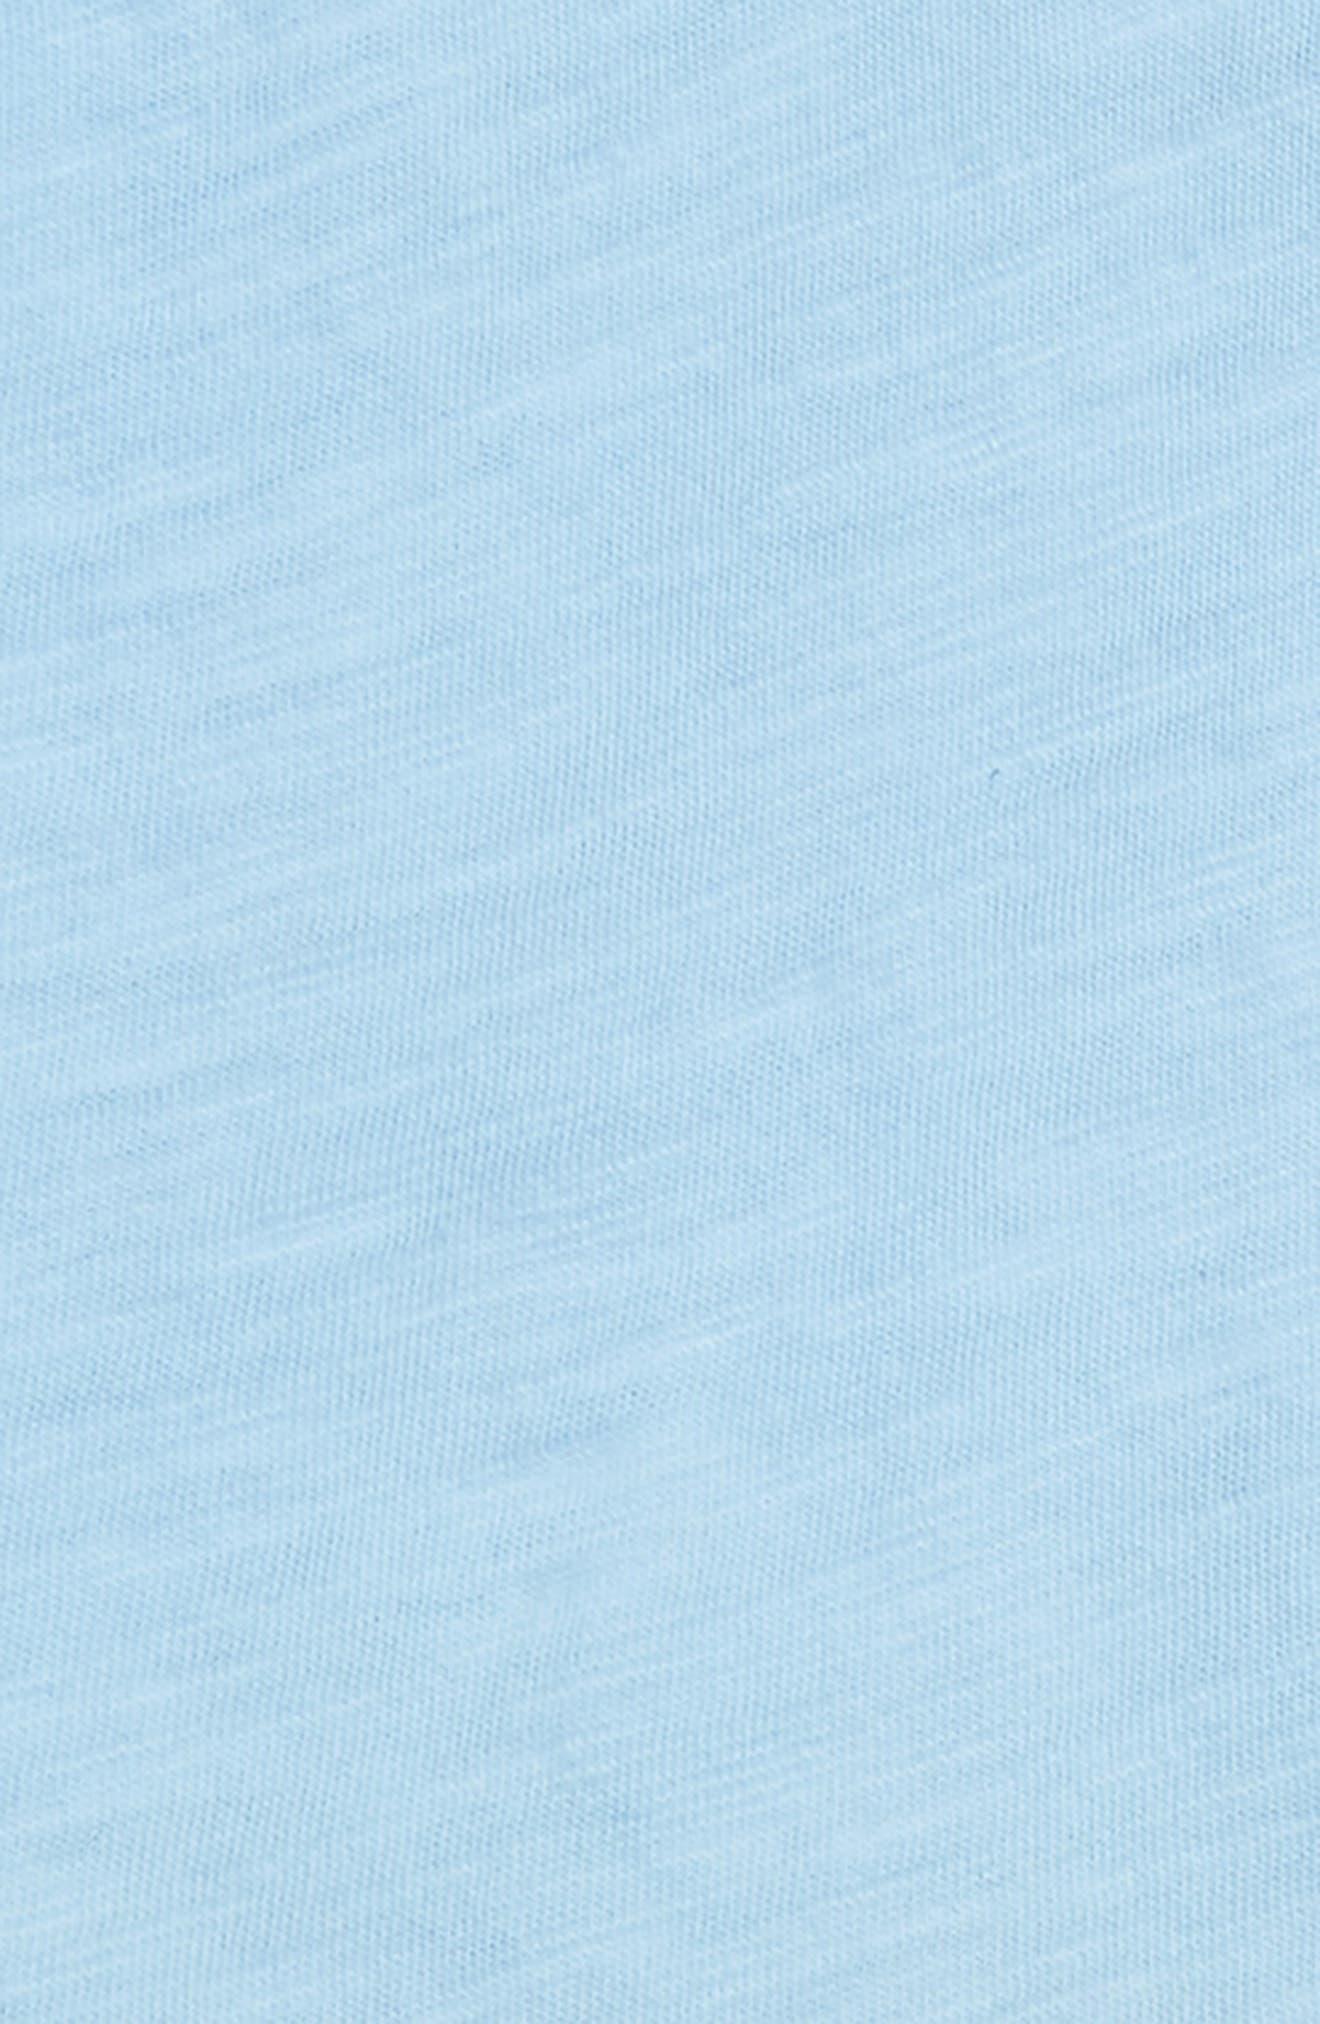 Dip Dye Top & Leggings Set,                             Alternate thumbnail 2, color,                             450